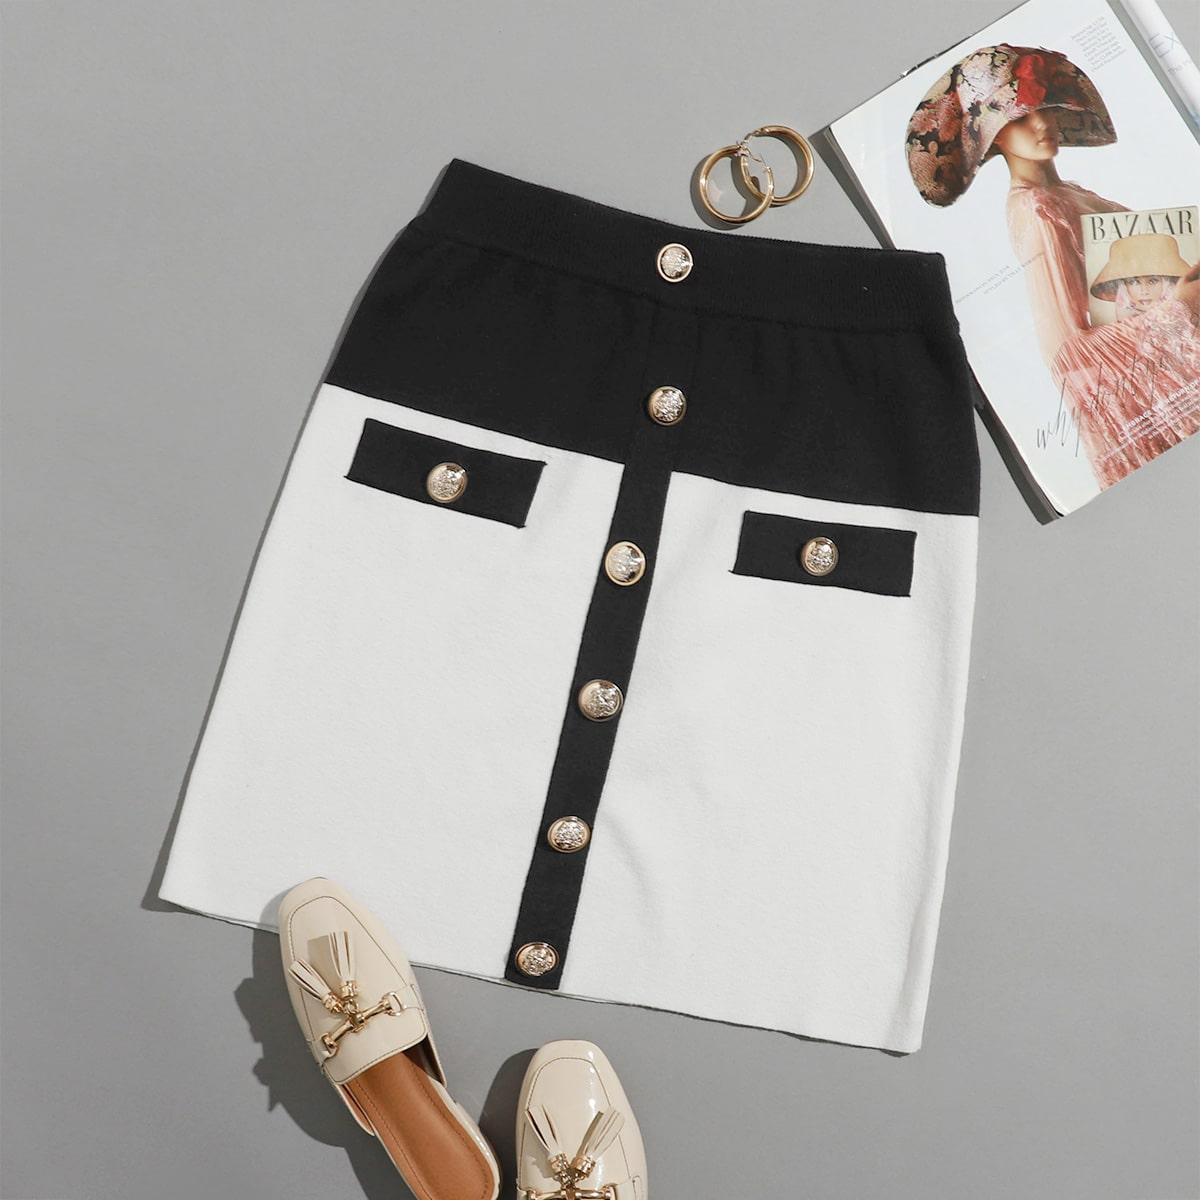 Пуговица контрастный цвет элегантный трикотажные юбки размер плюс